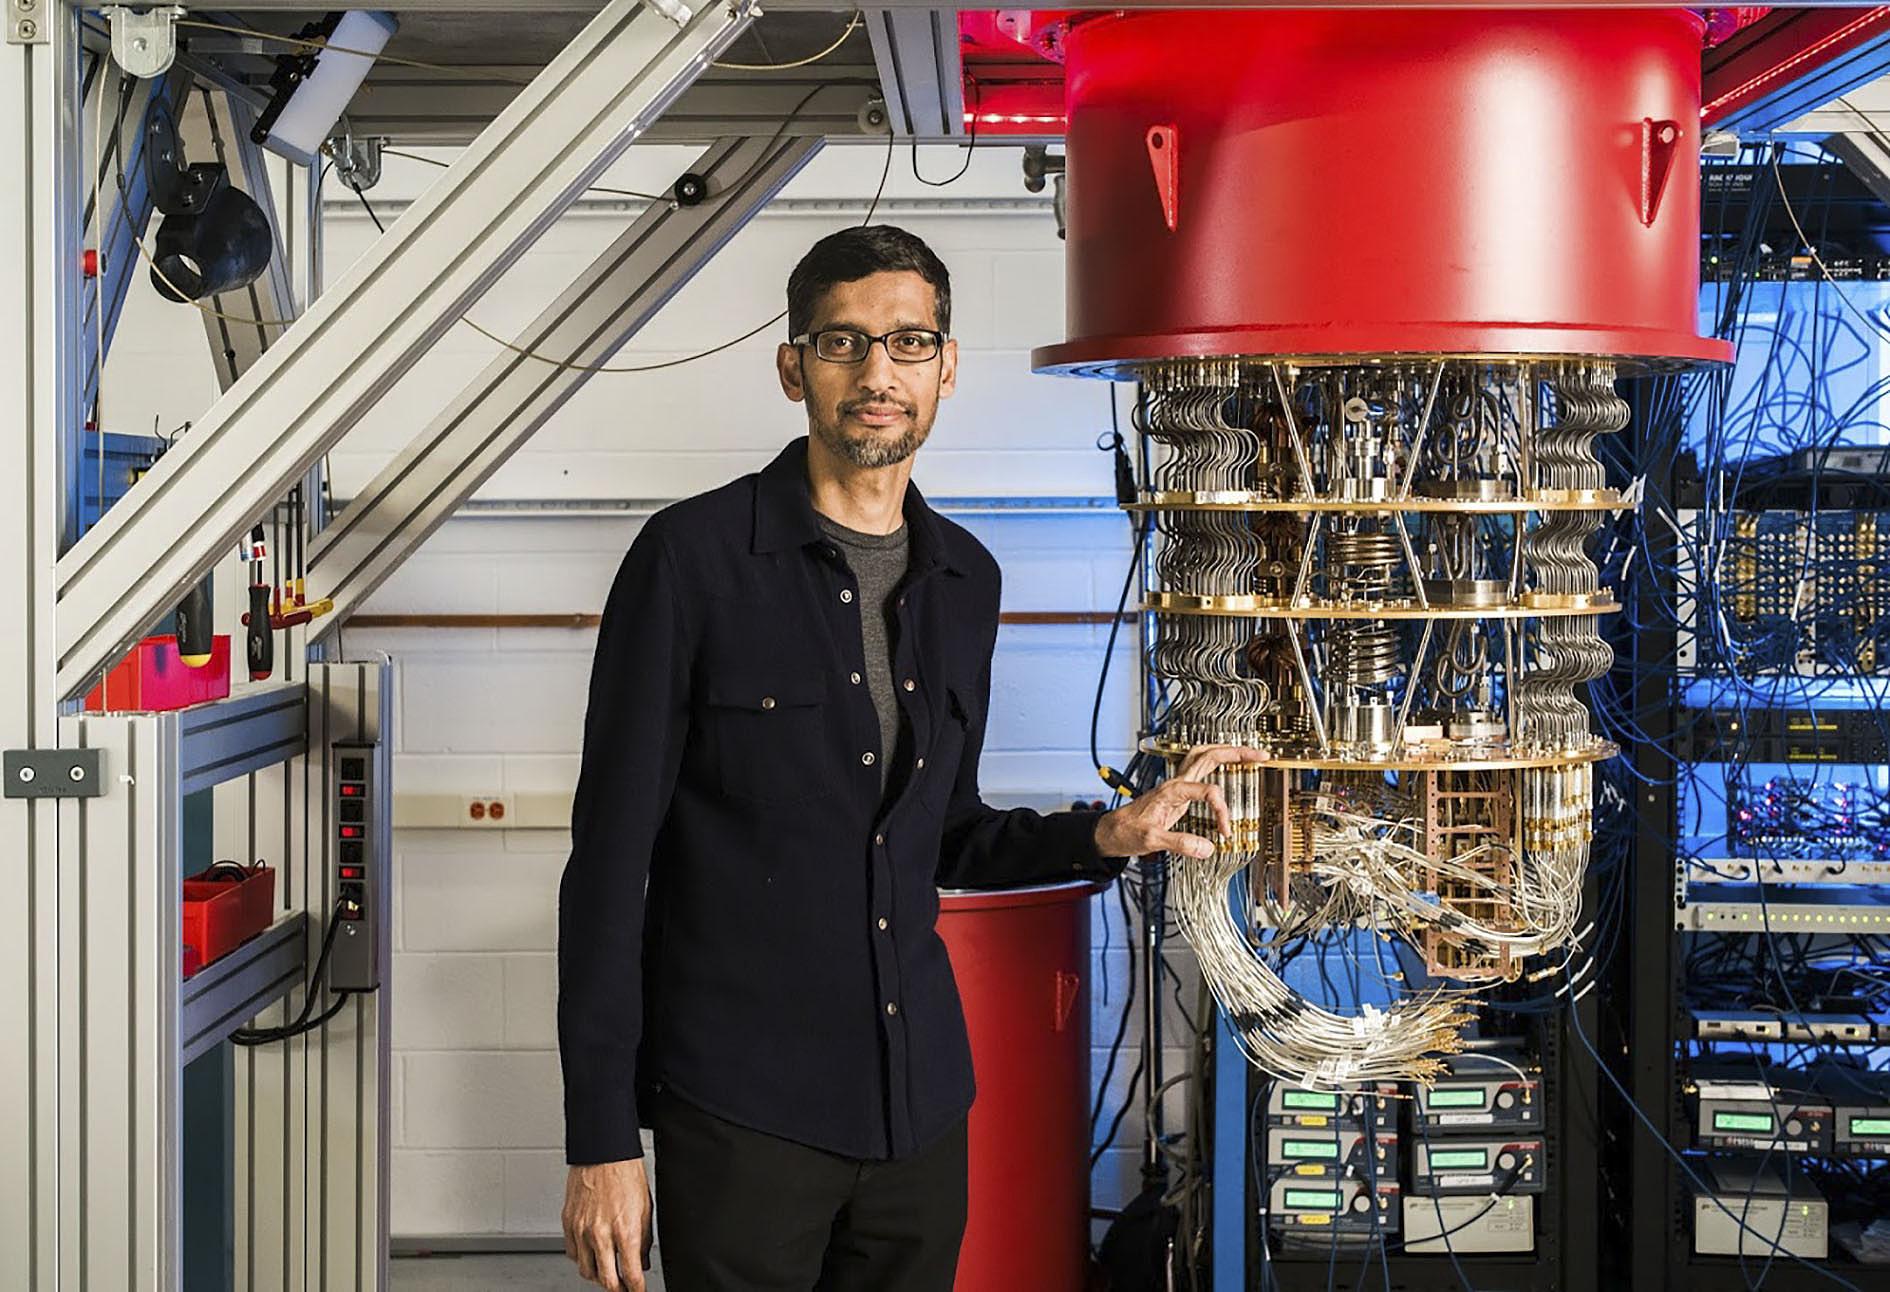 量子计算机何时能用?乐观预计至少五到十年,国内公司多是大忽悠